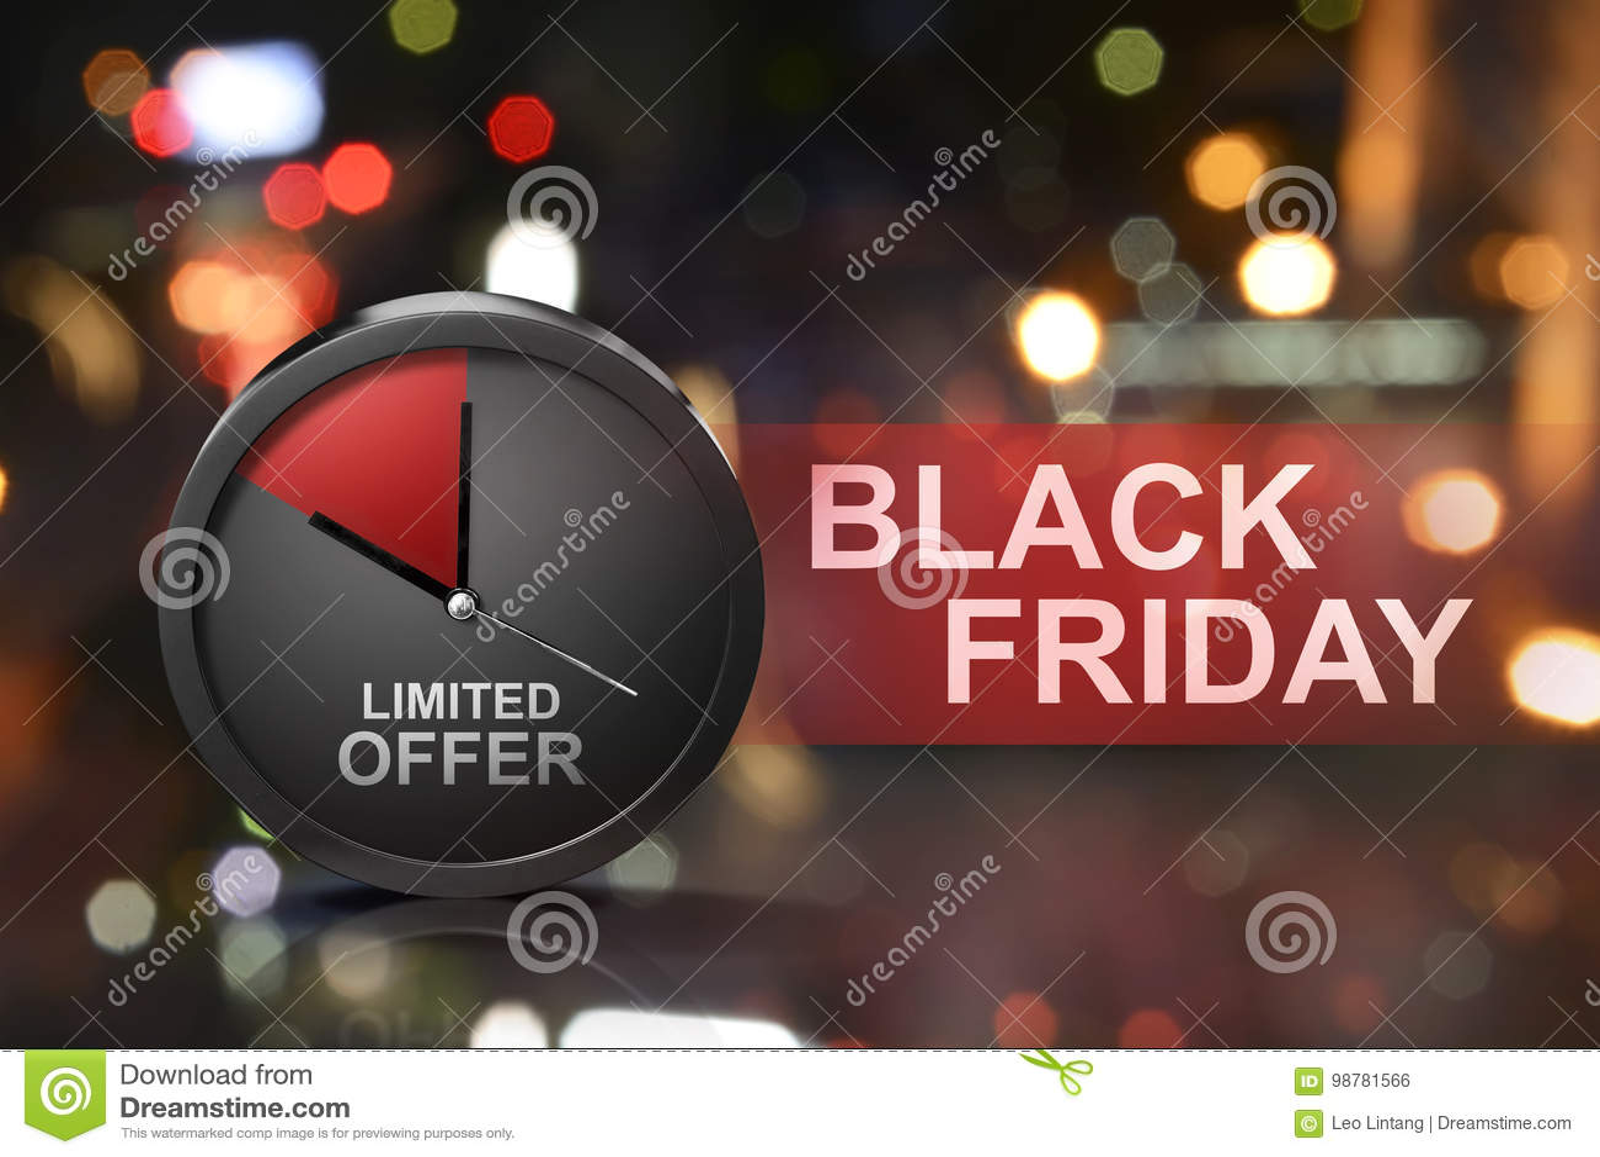 Offre limitée sur le message de Black Friday